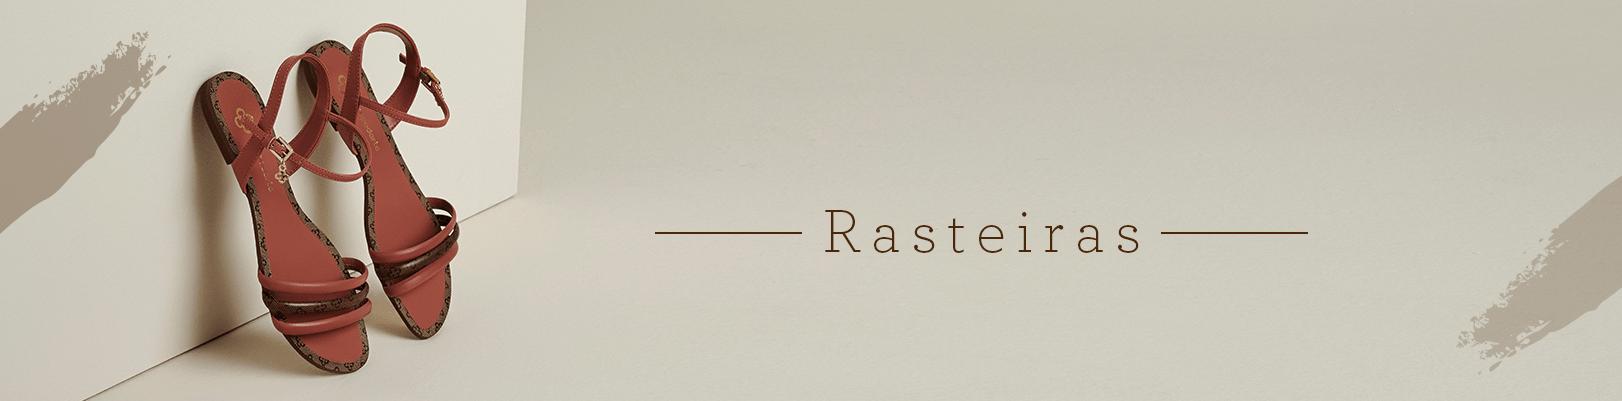 Rasteiras